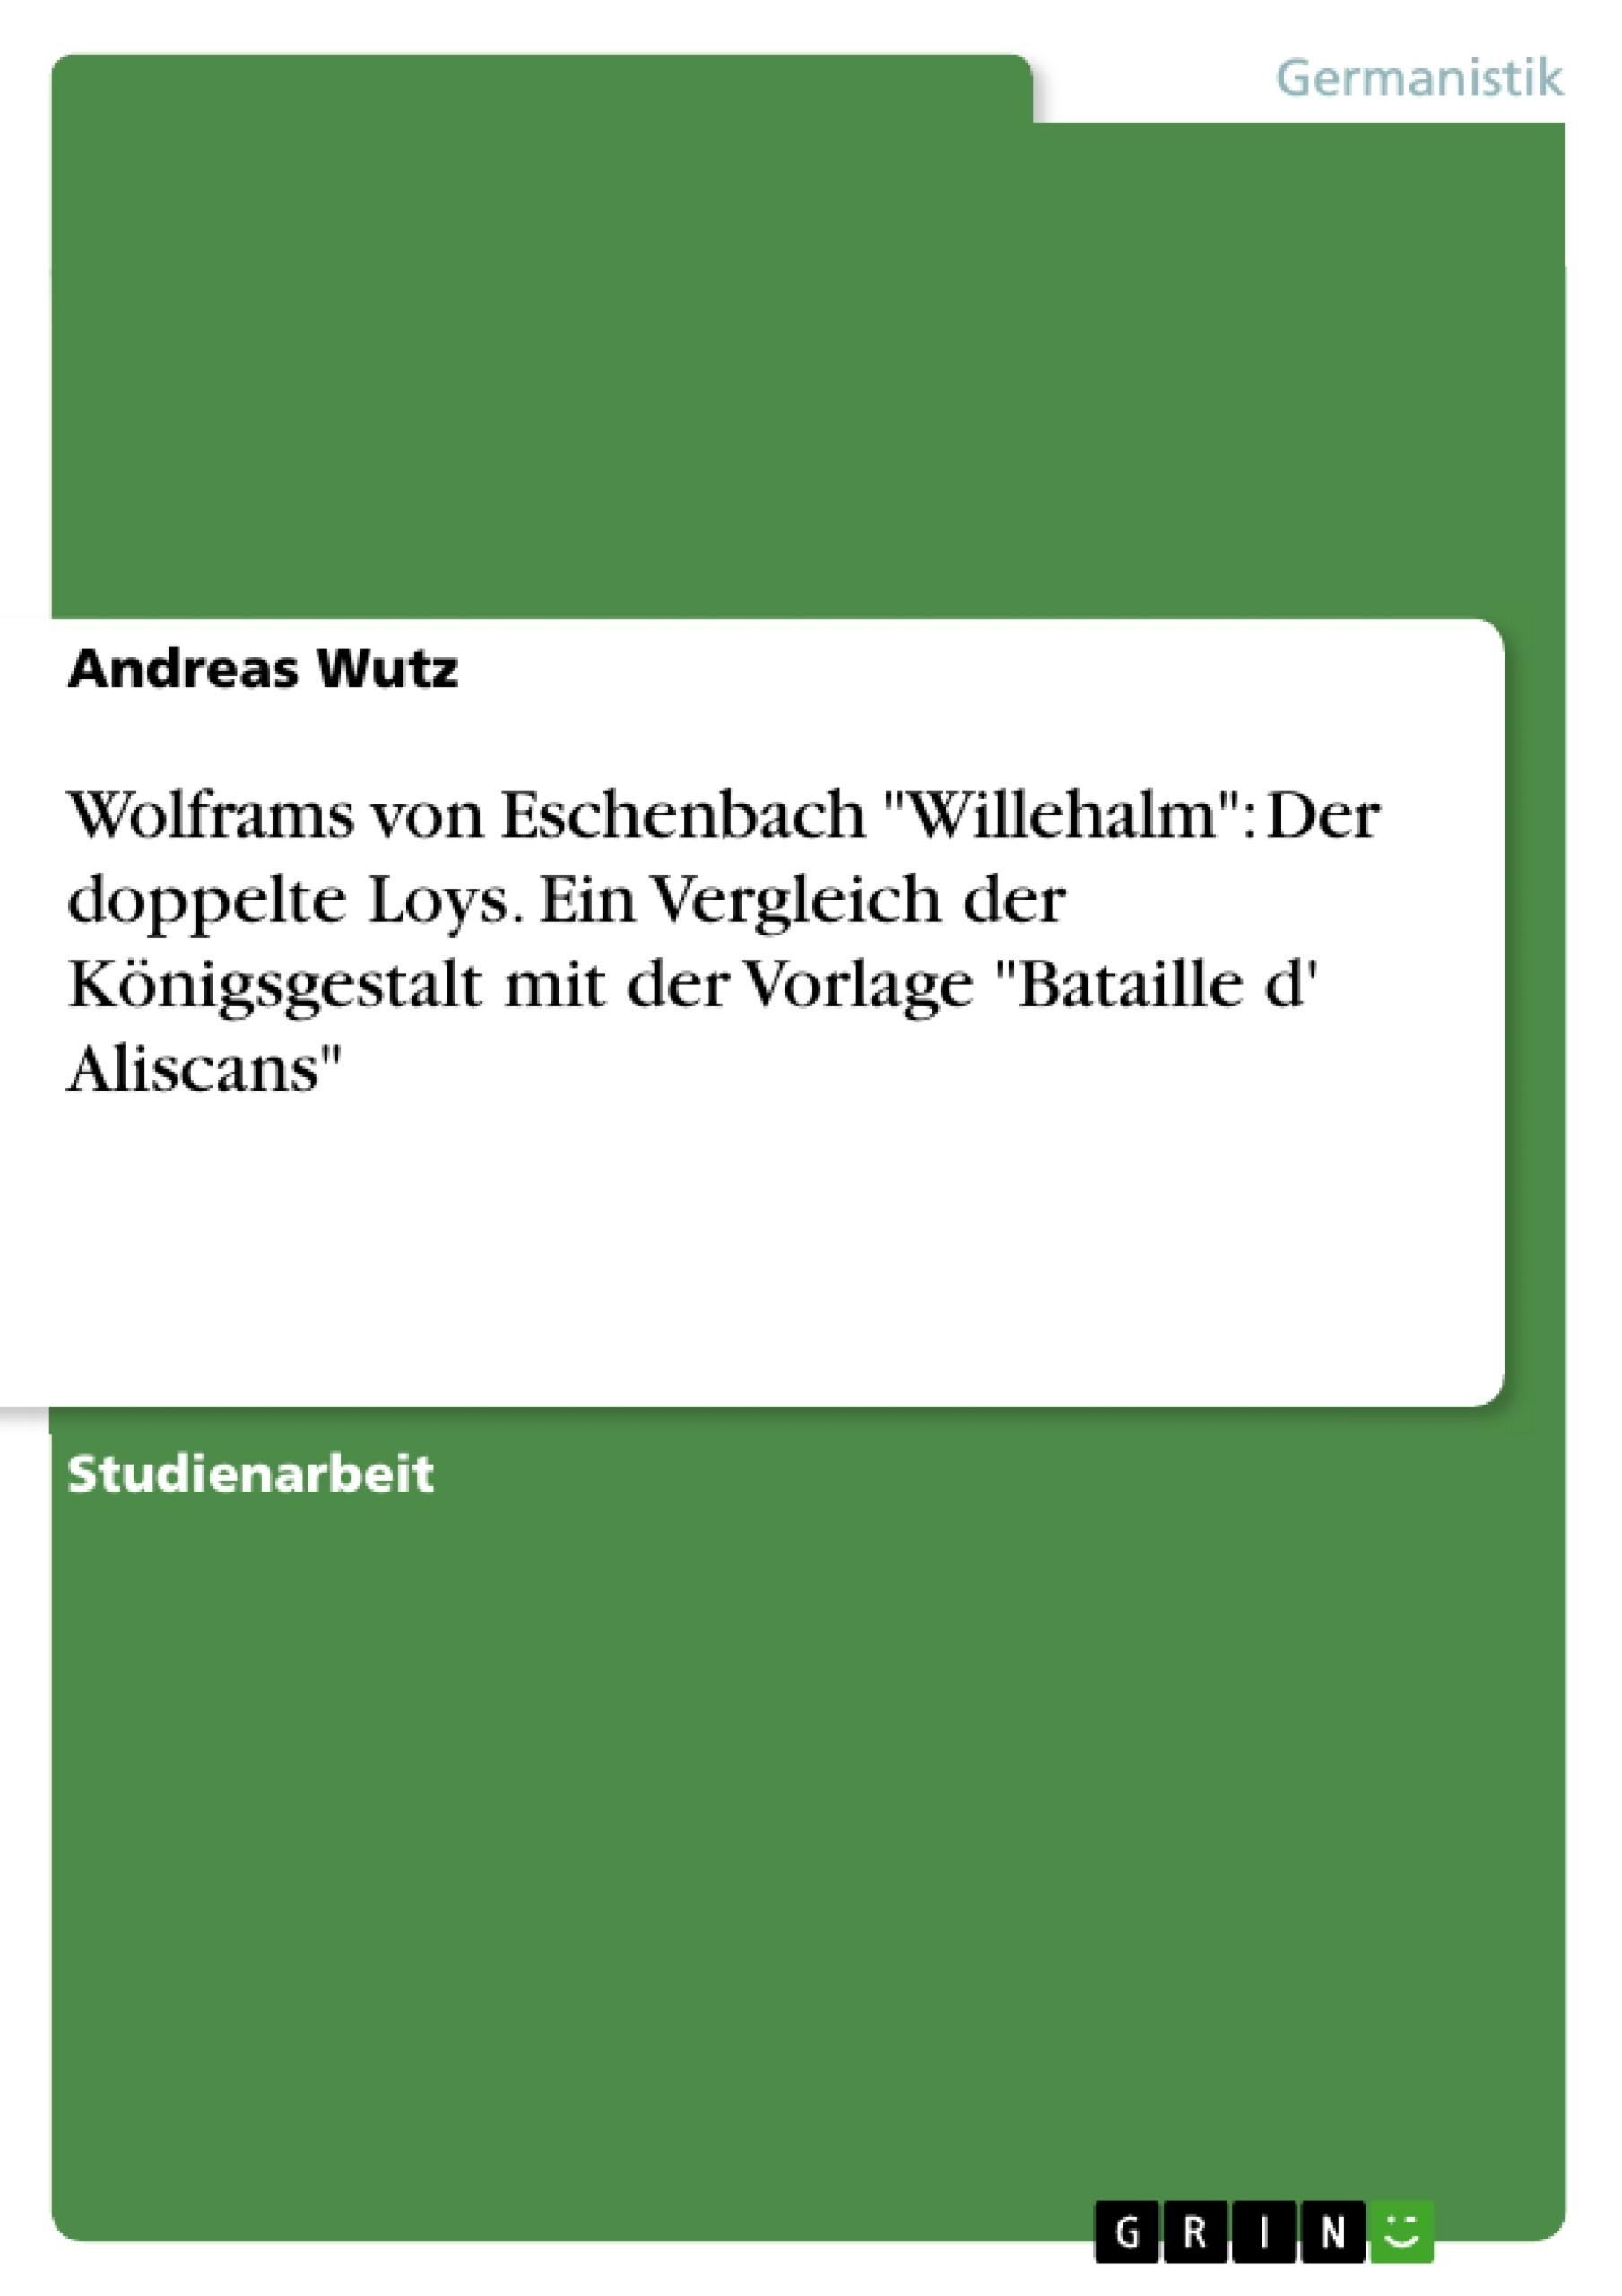 """Titel: Wolframs von Eschenbach """"Willehalm"""": Der doppelte Loys. Ein Vergleich der Königsgestalt mit der Vorlage """"Bataille d' Aliscans"""""""